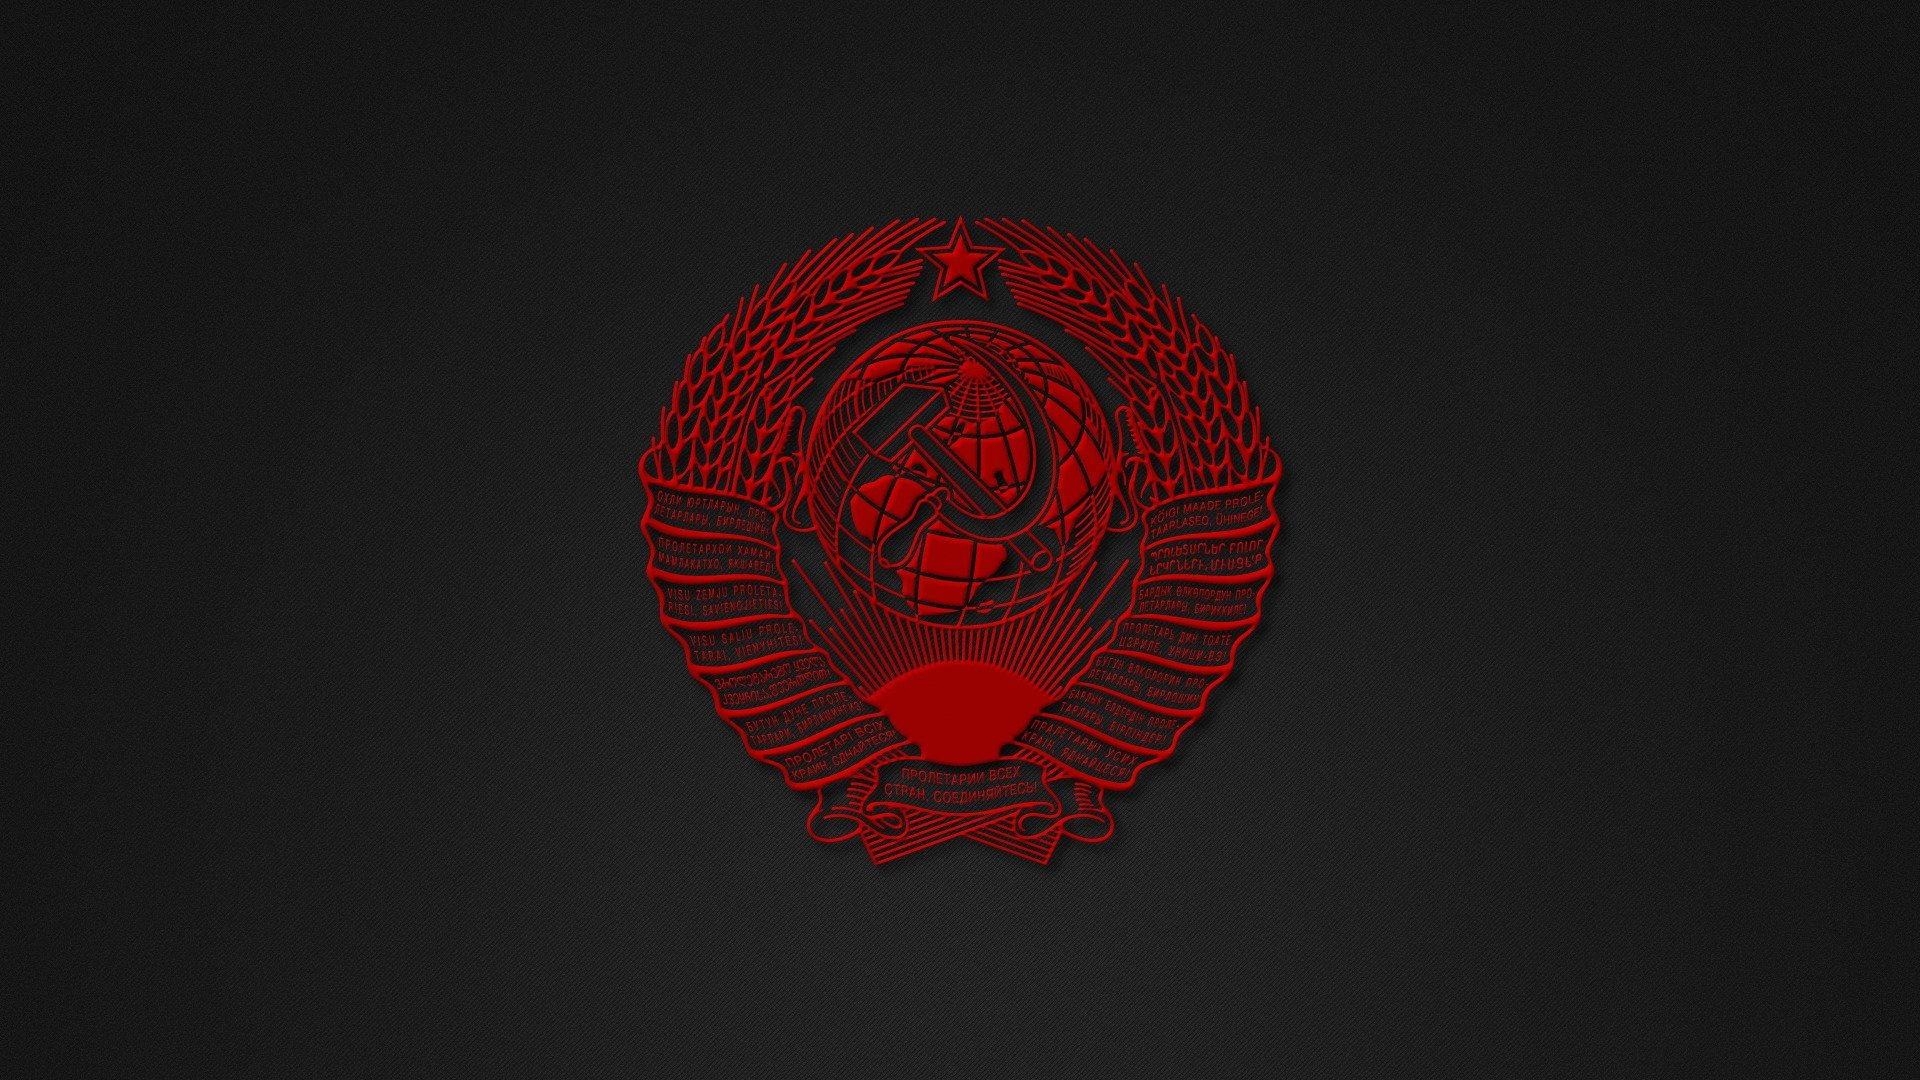 скачать обои на рабочий стол герб россии бесплатно 1366х768 № 170829 бесплатно